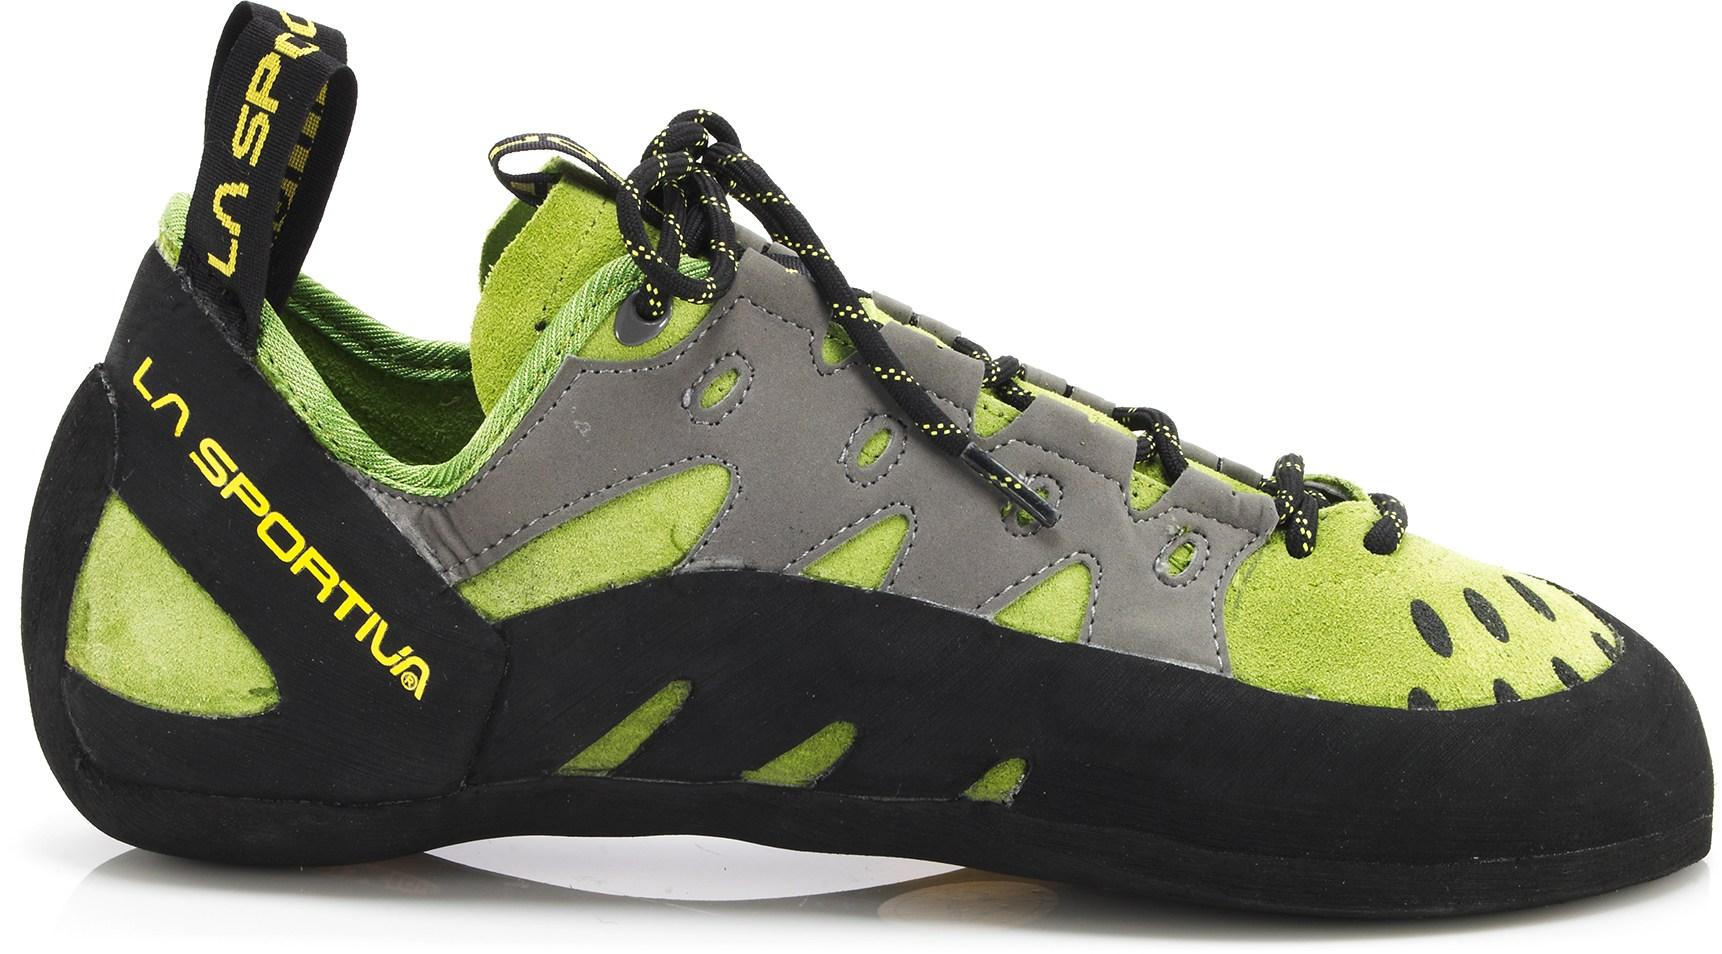 La Sportiva Tarantulace (Lezecká obuv)